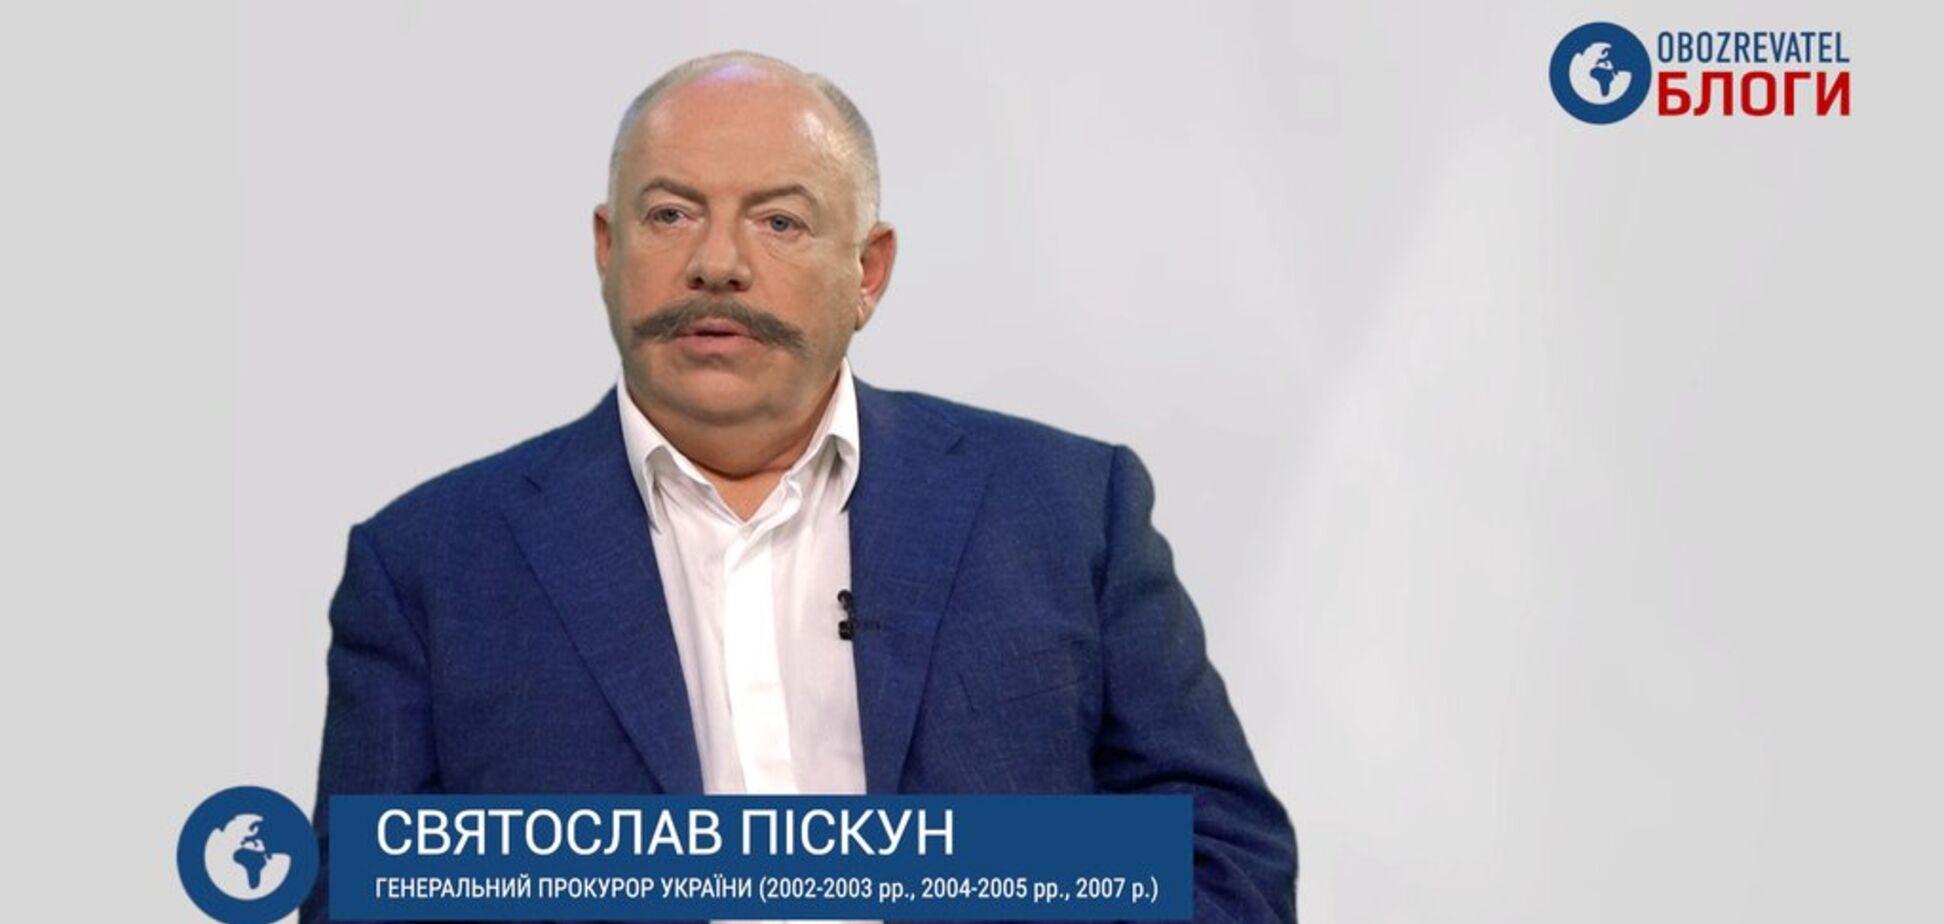 Святослав Піскун: Небезпека закритих списків партій